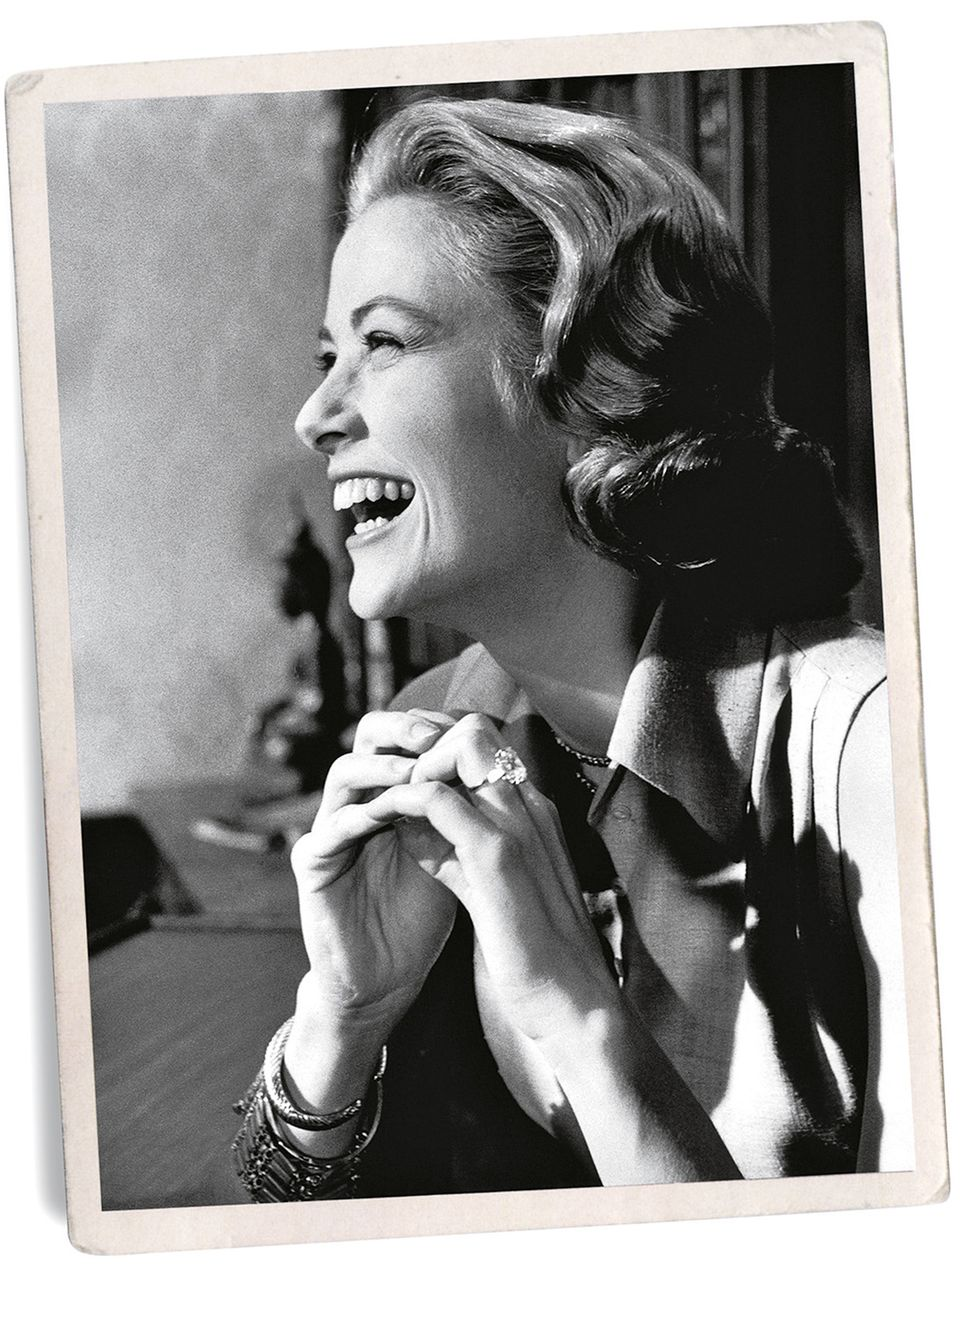 Verlobungsring der Extraklasse: Mit diesem Diamant-Ring von Cartier hielt Fürst Rainier von Monaco um die Hand von Grace Kelly an.